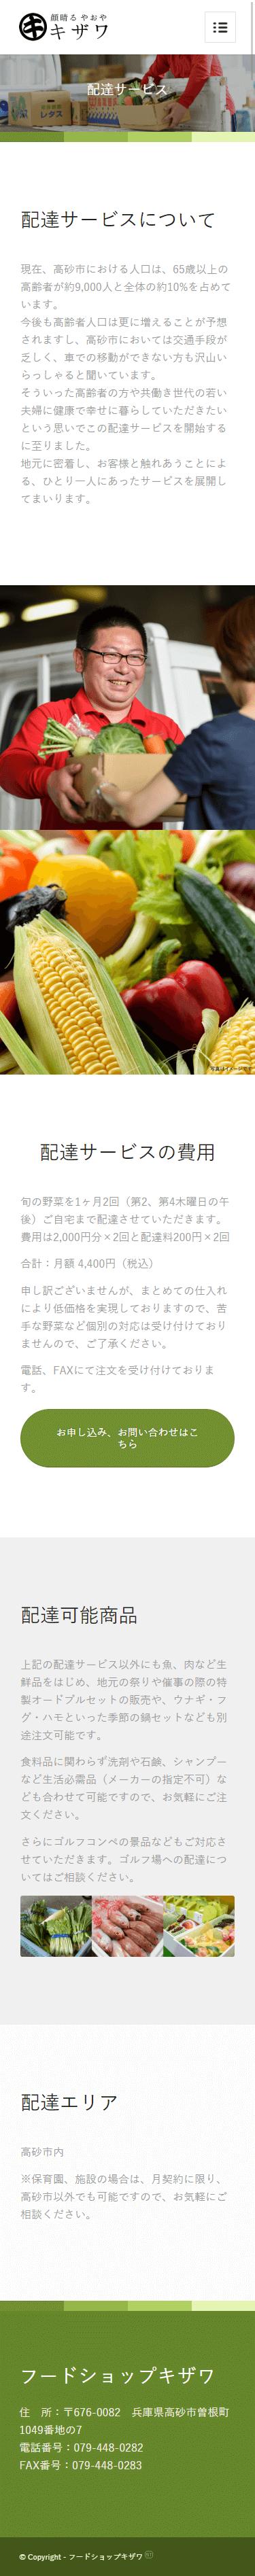 高砂市 フードショップキザワ様 ホームページ制作4